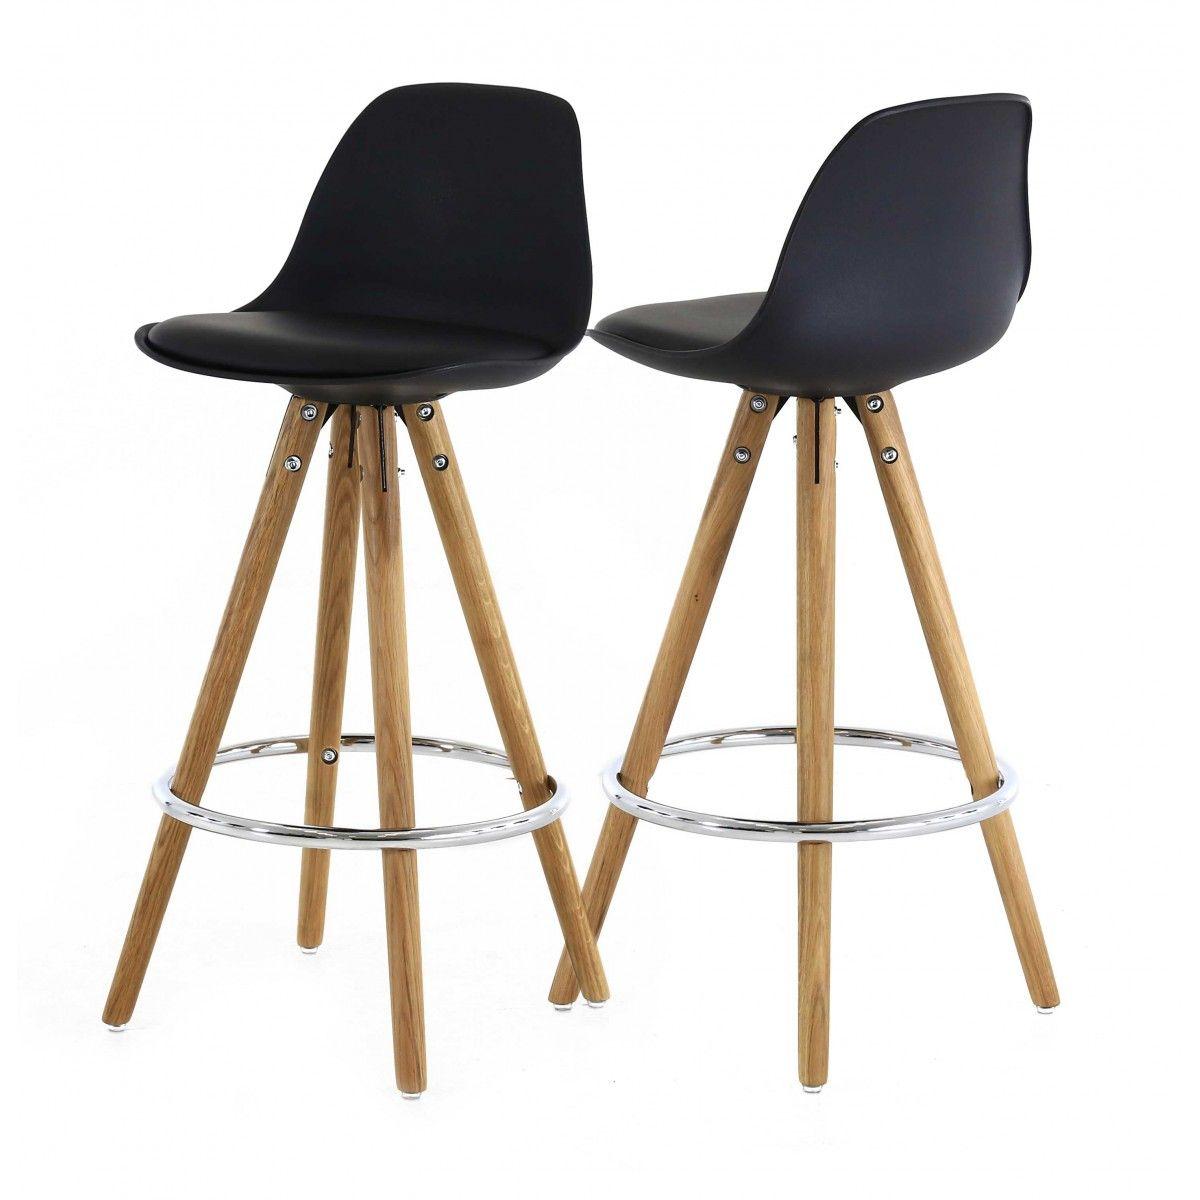 2x chaise plan de travail popsy zago store - Chaise Haute Plan De Travail